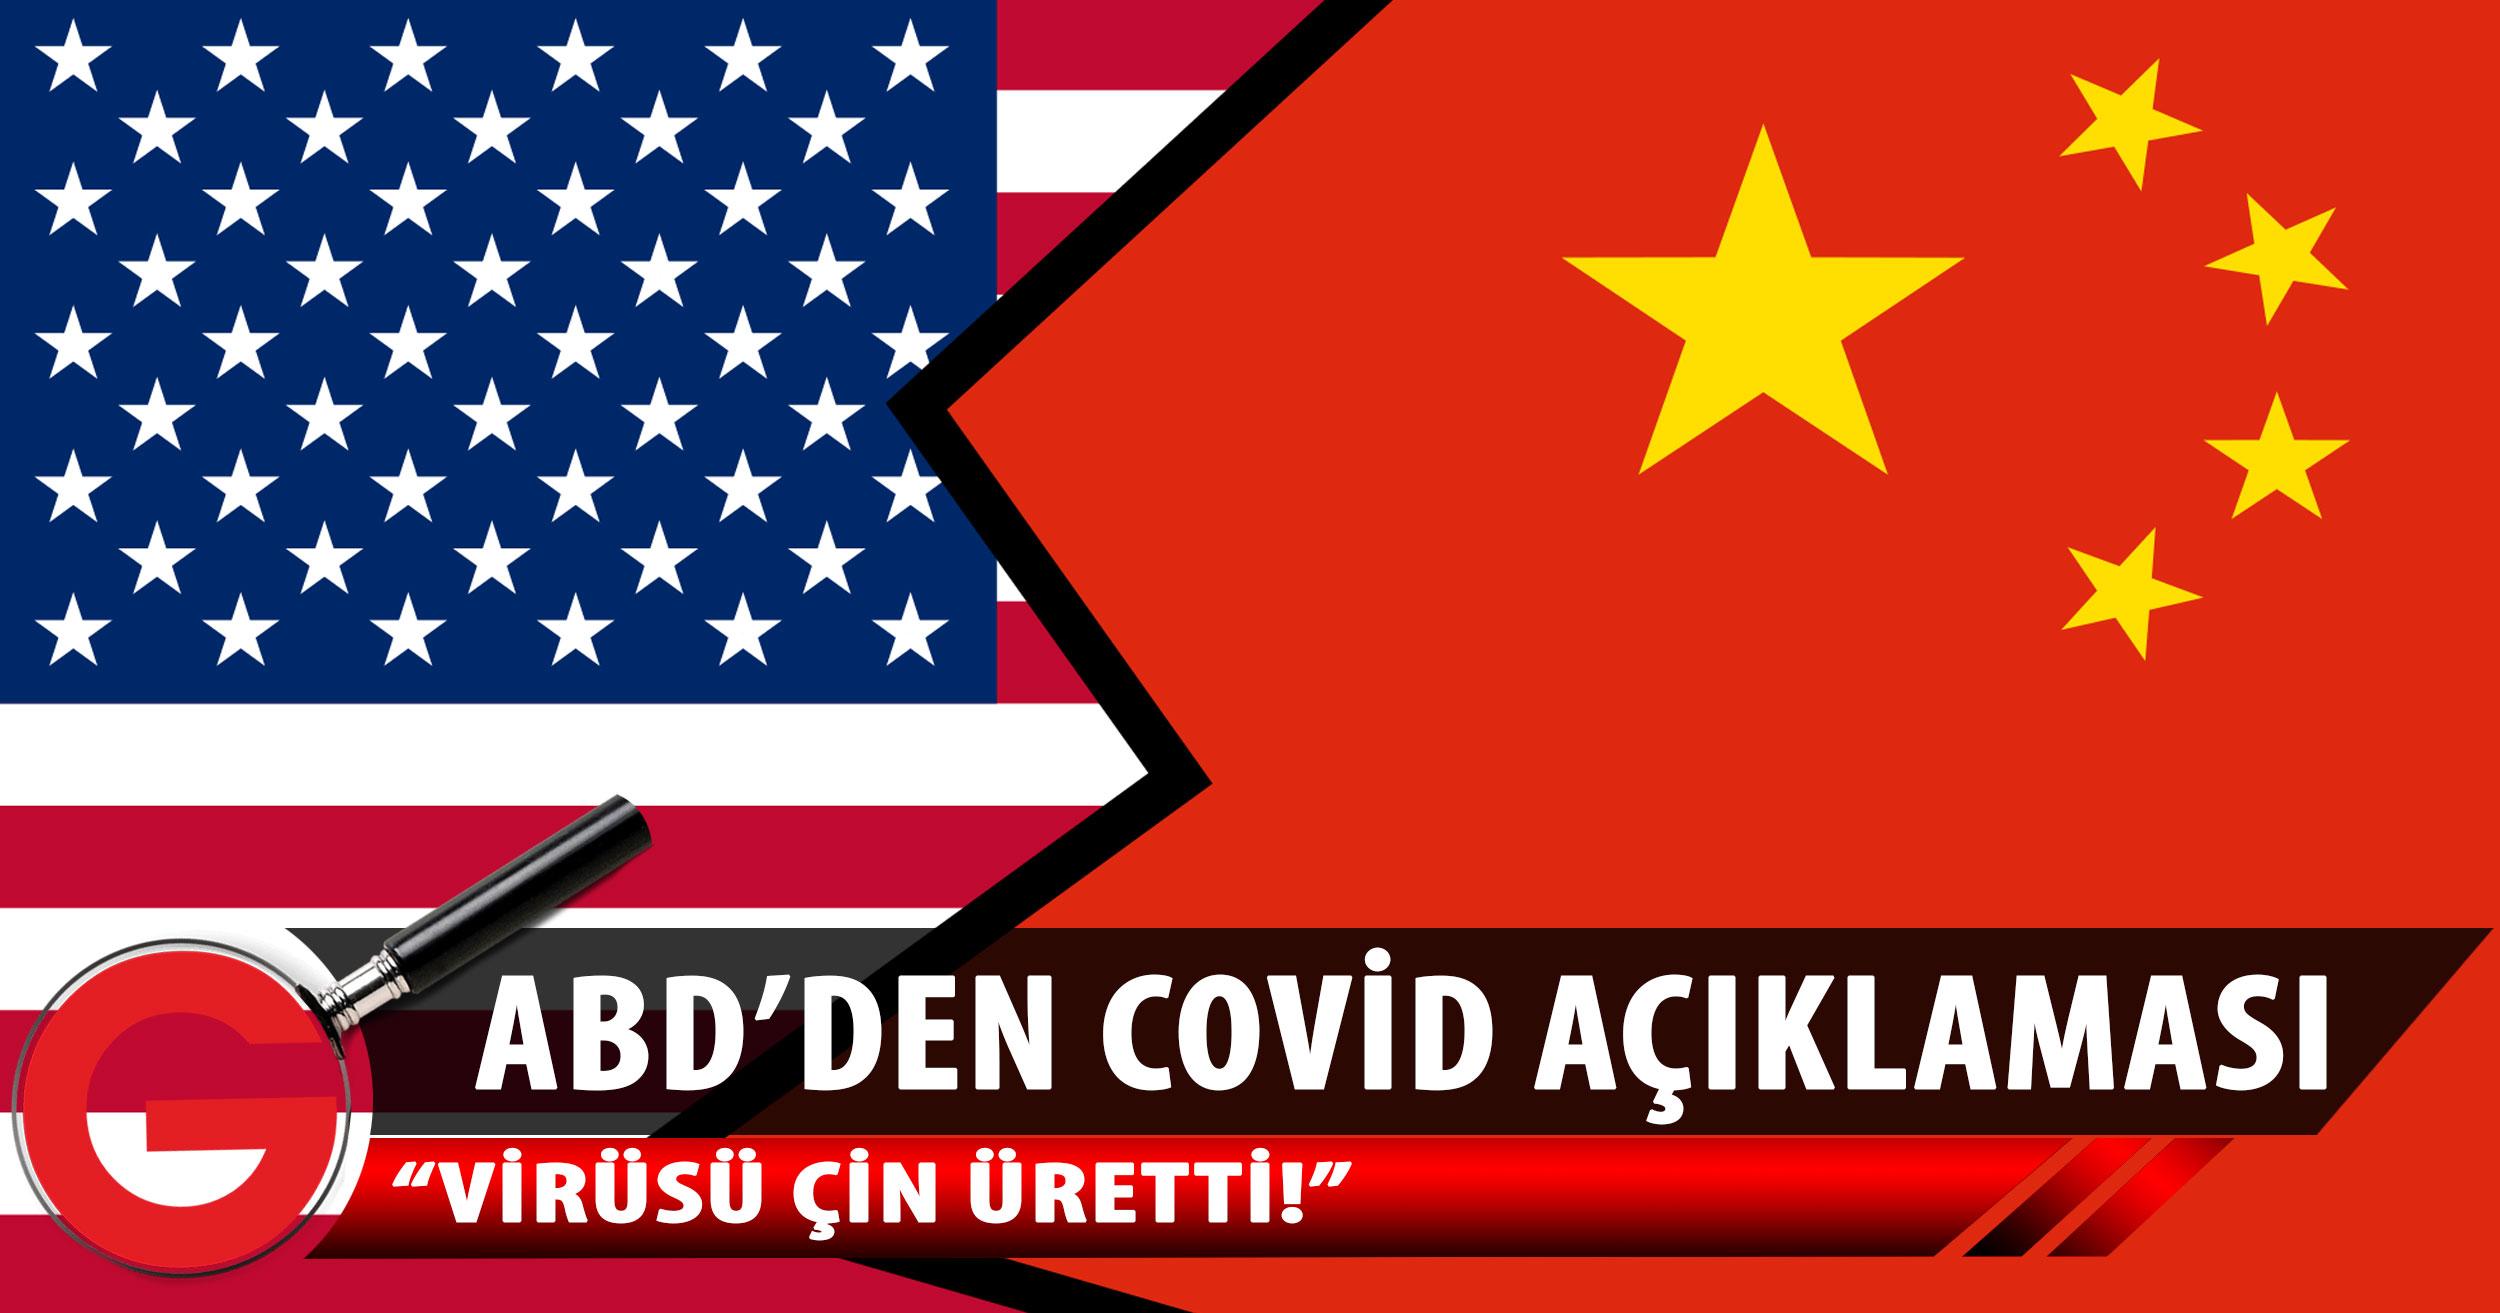 ABD'li Cumhuriyetçiler: Koronavirüs, Çin'deki laboratuvarda üretildi